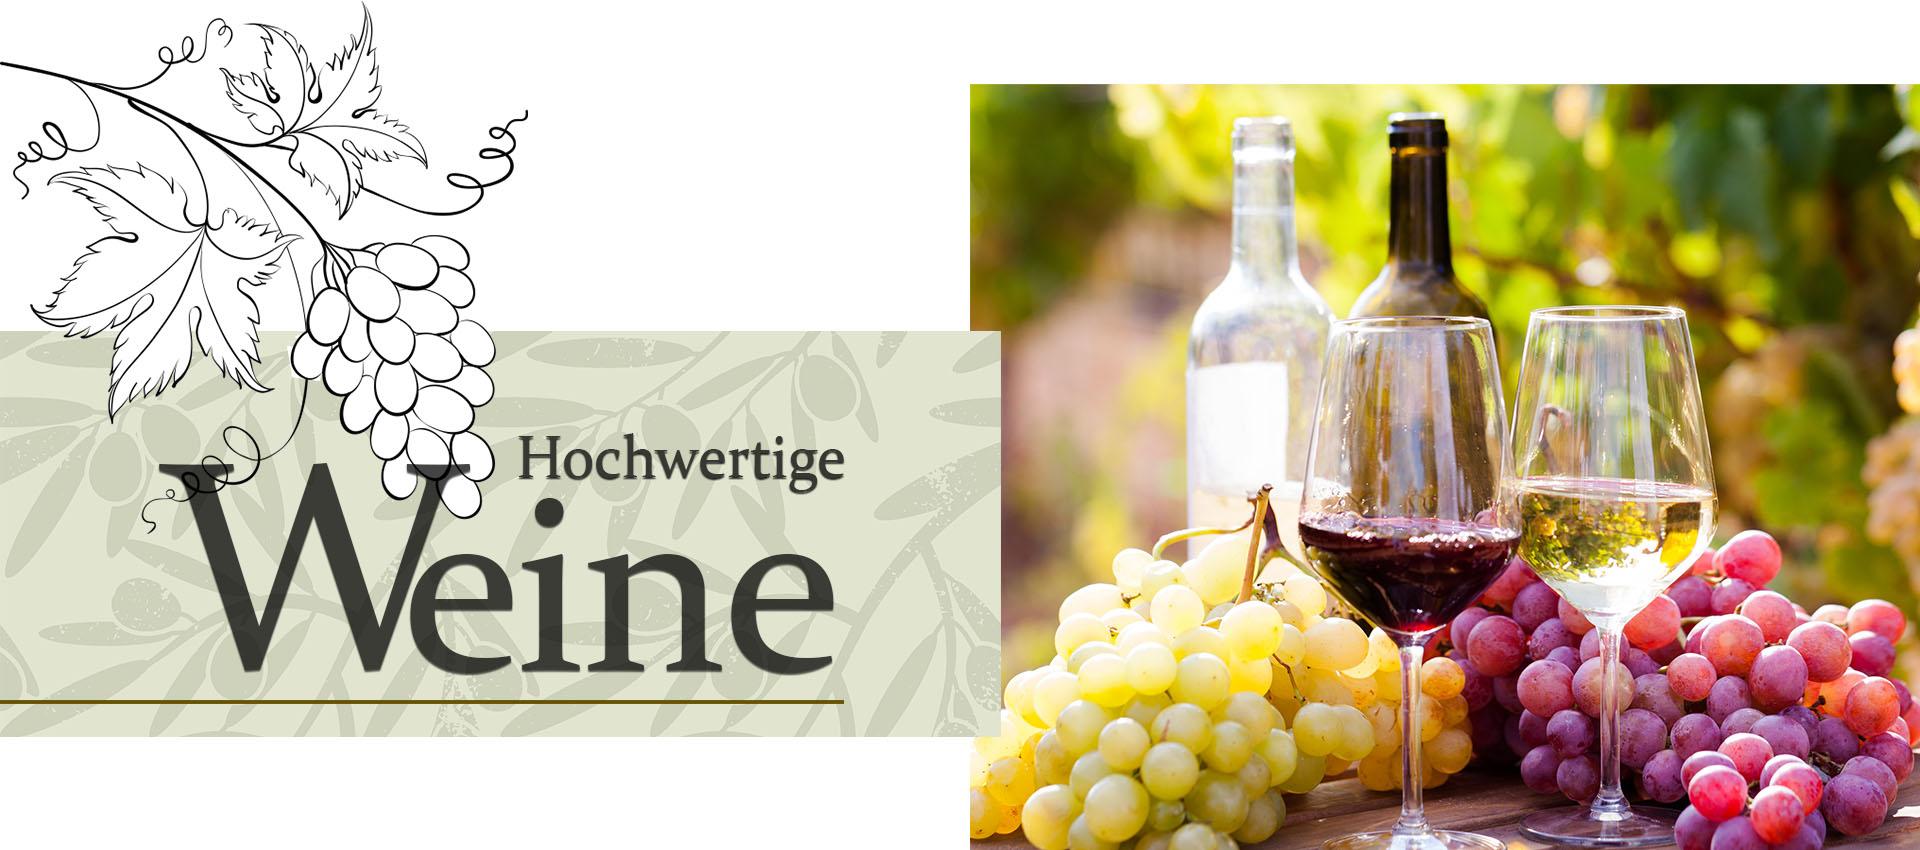 Guter Wein in meiner Nähe, in Wangen im Allgäu (LK Ravensburg)